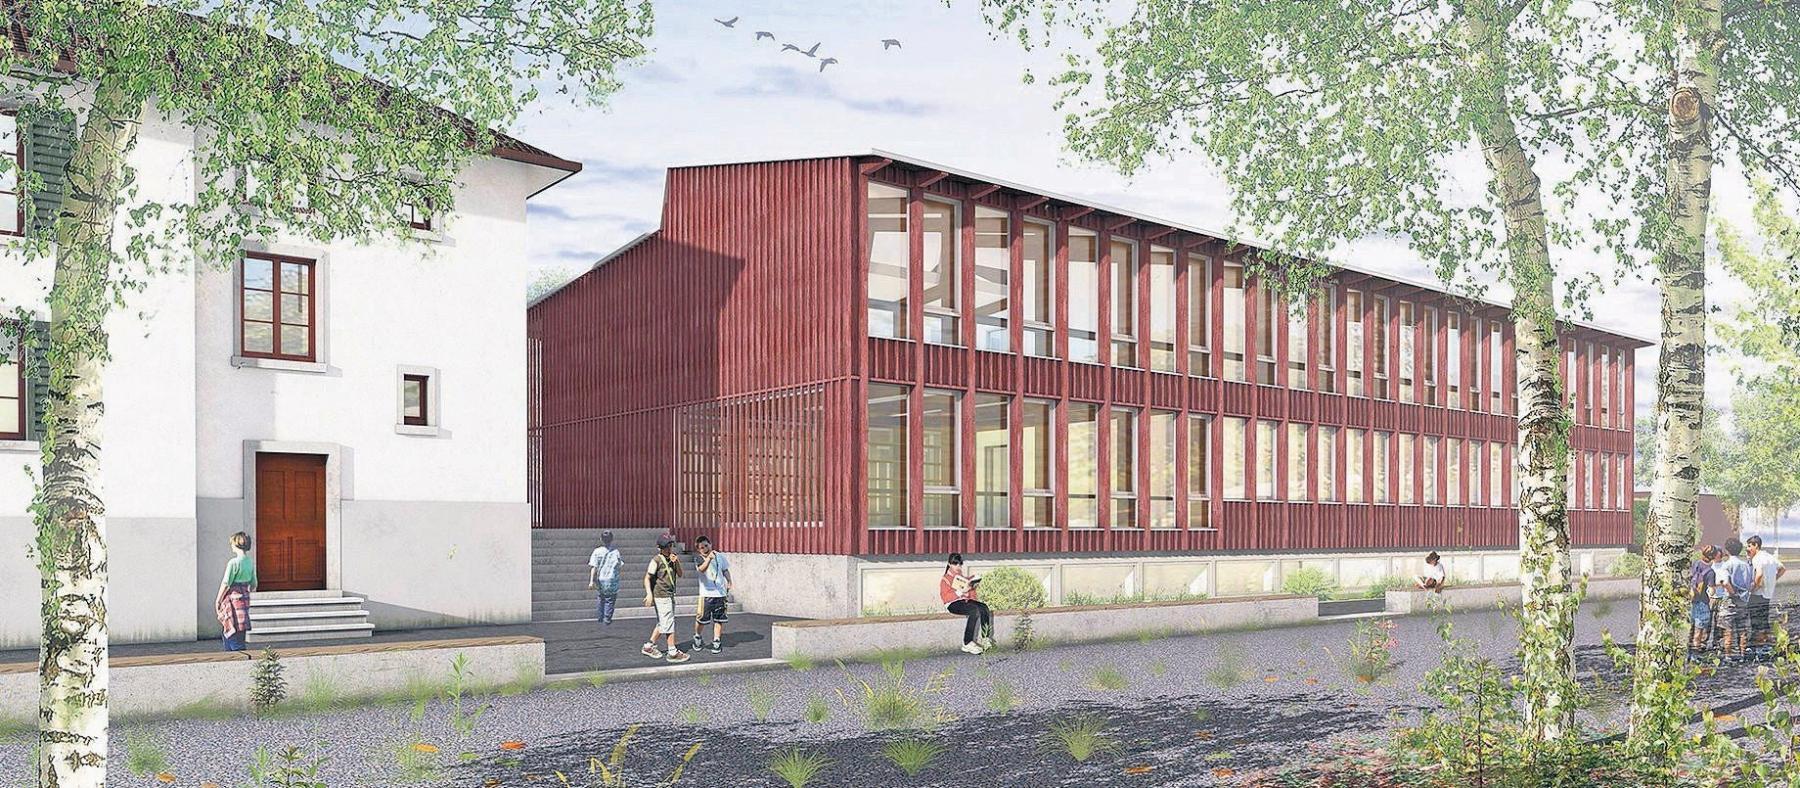 Erweiterung Primarschule mit Kindergarten, Scherzingen, Dahinden Heim Architekten, relief